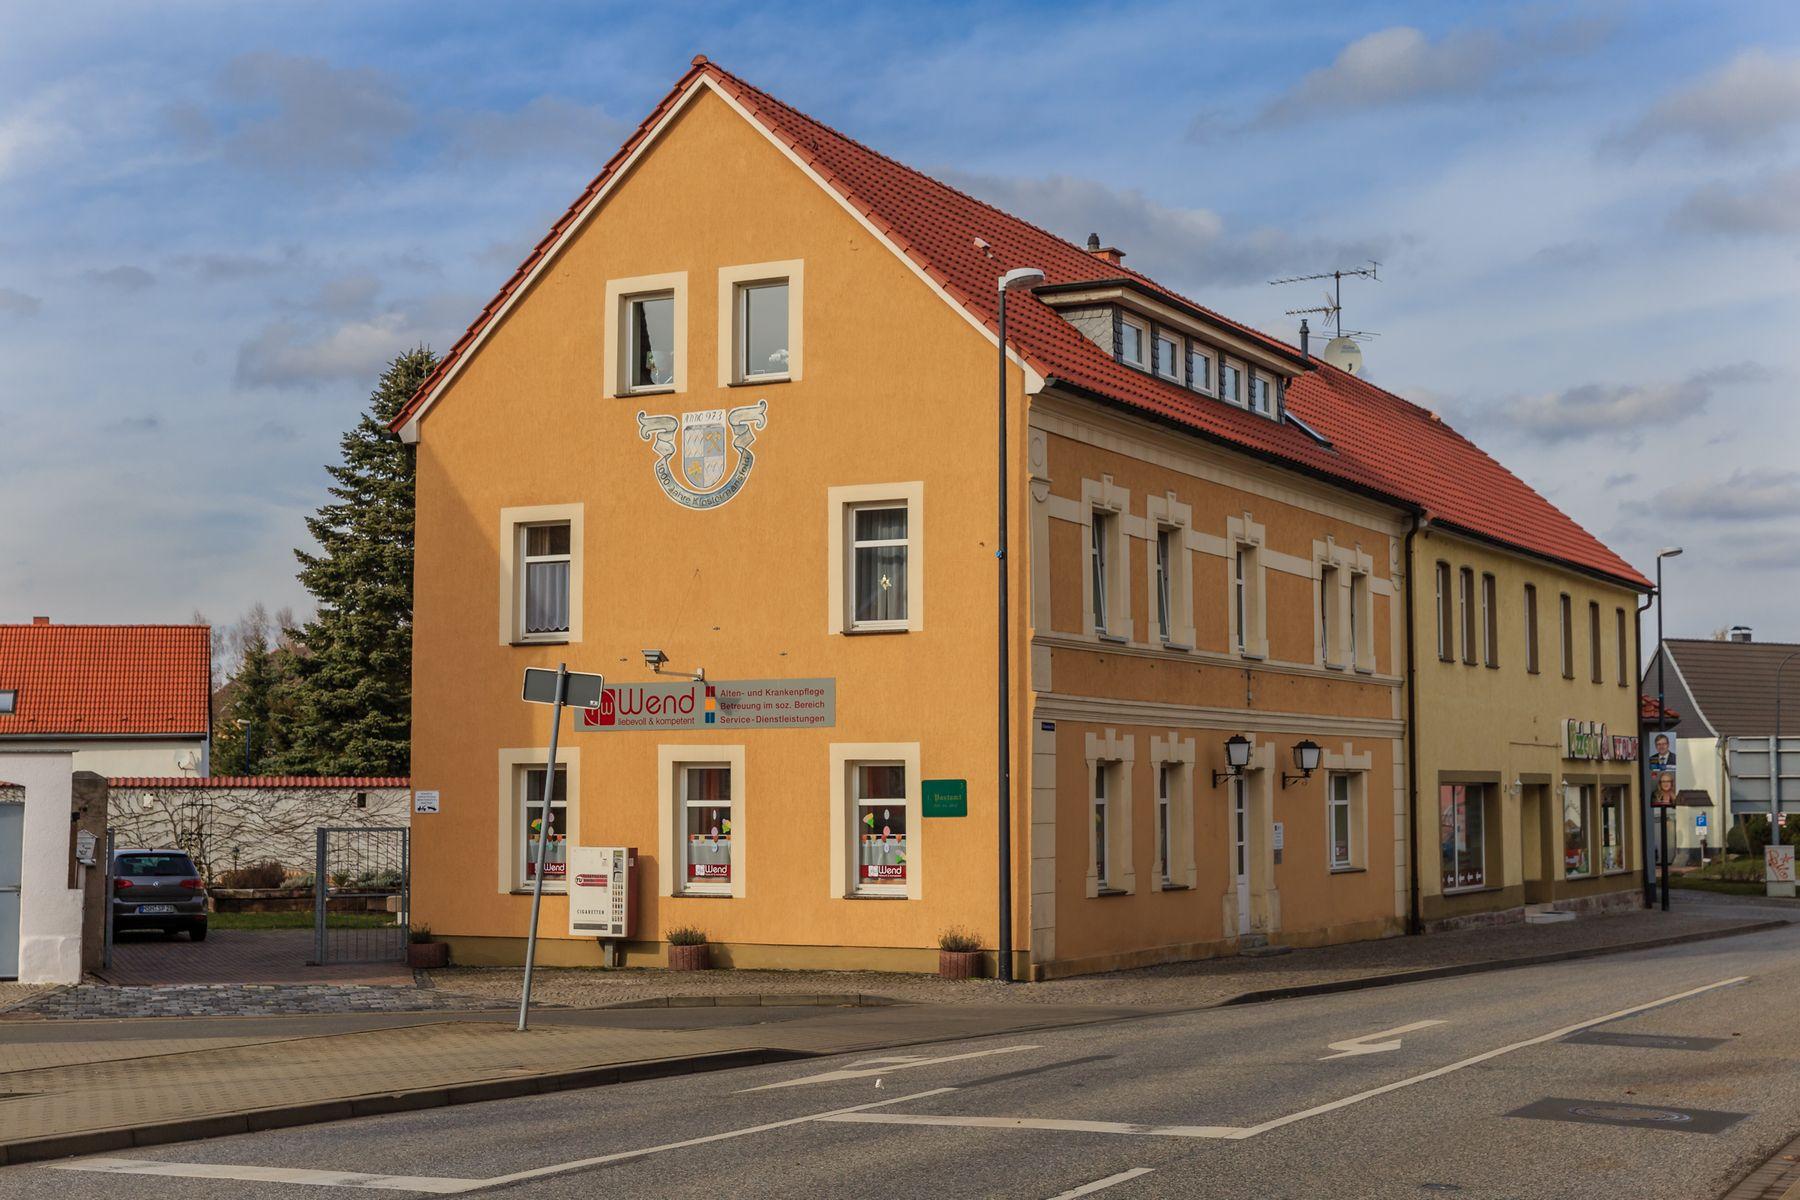 Kranken- und Altenpflege Wend GmbH